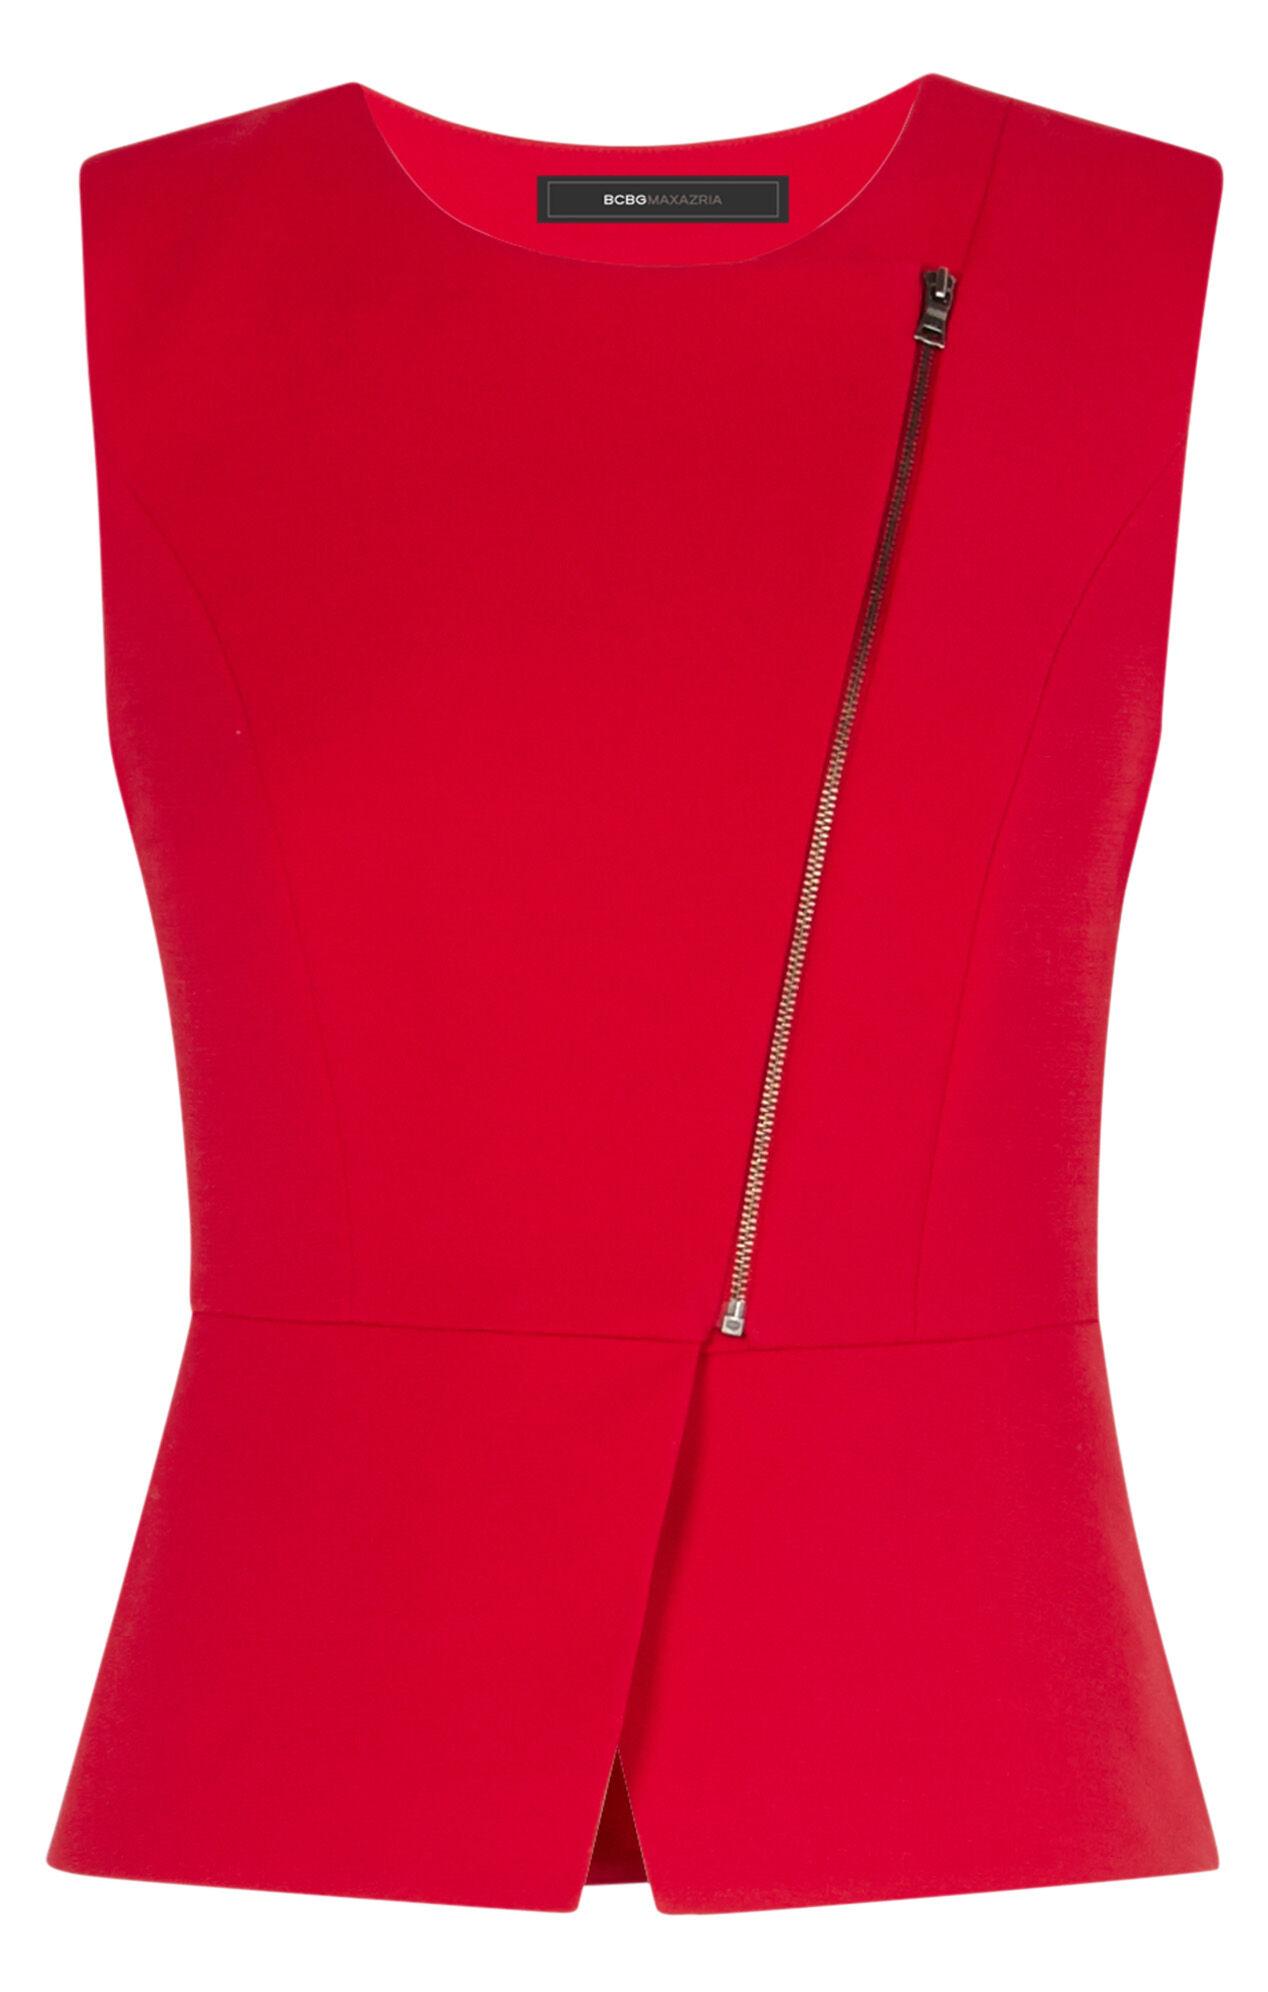 Deisi Asymmetrical Zip-Up Peplum Top